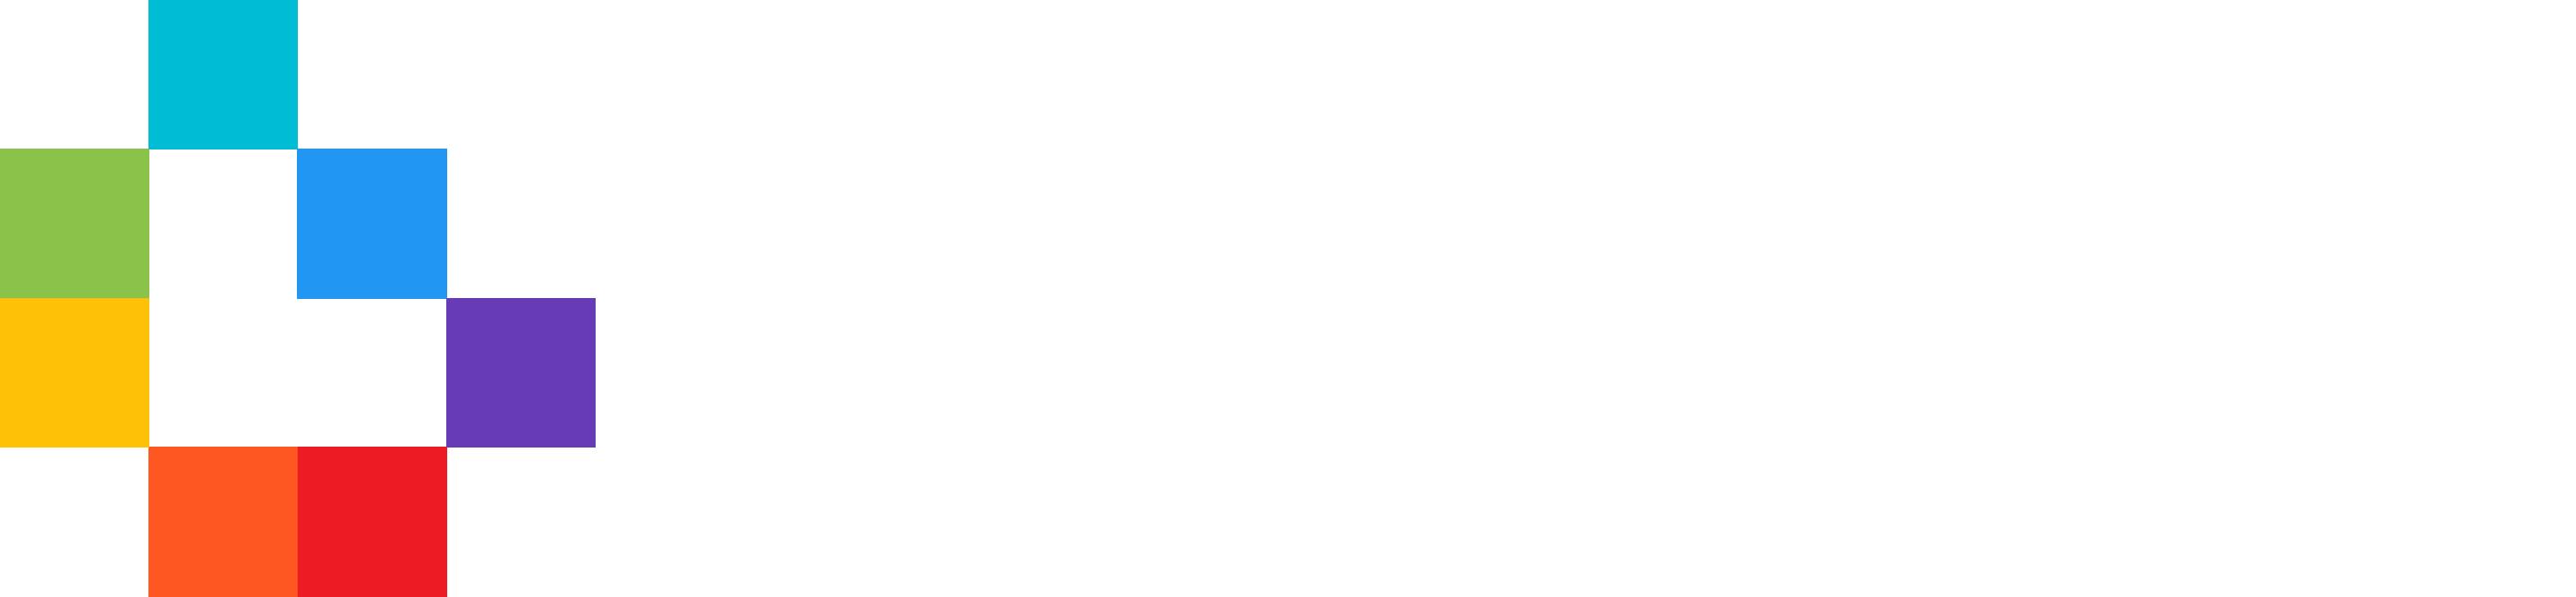 LIOS Ventures